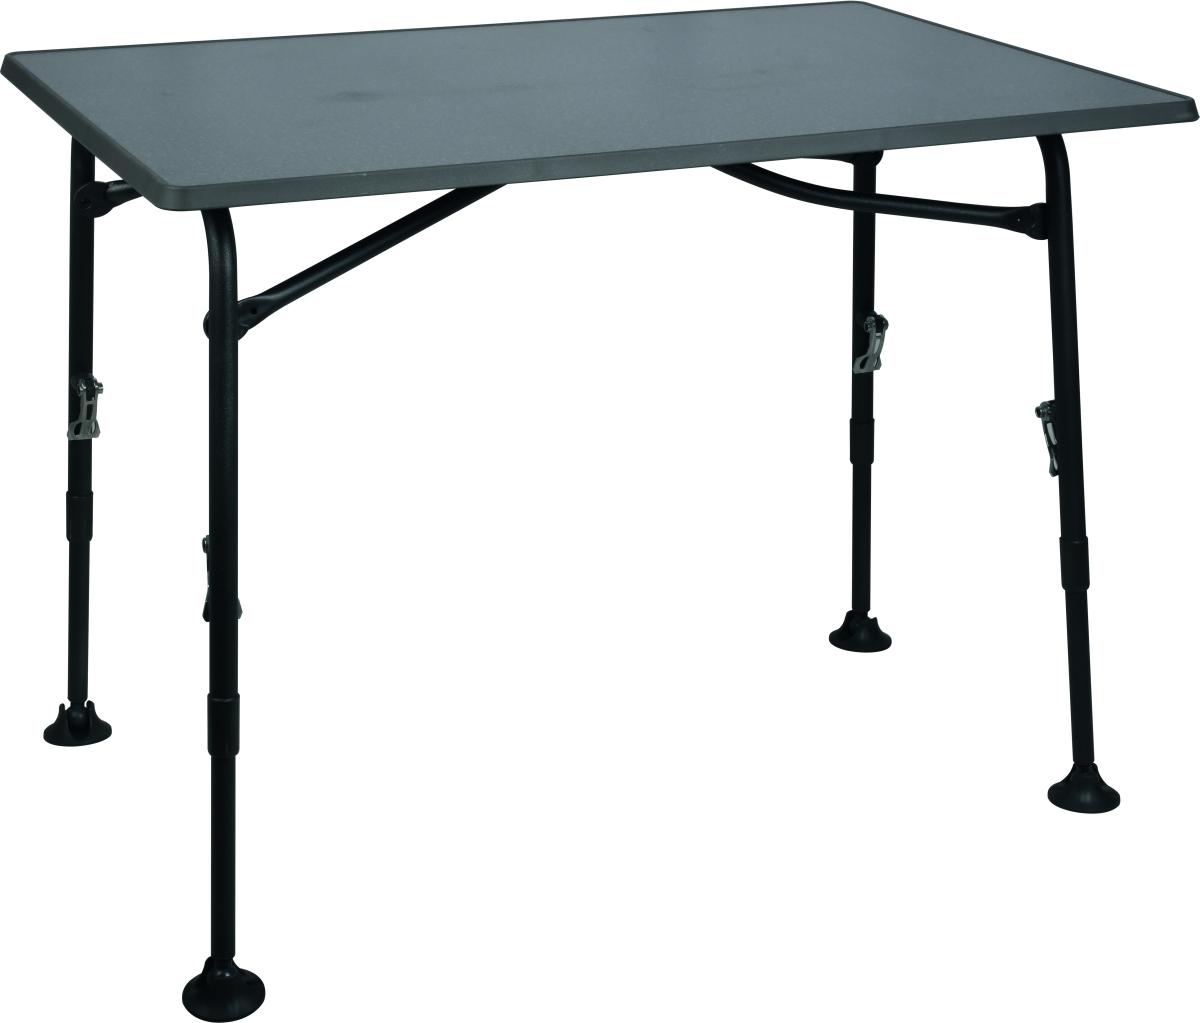 Westfield Tisch AIRCOLITE 100 BLACKLINE